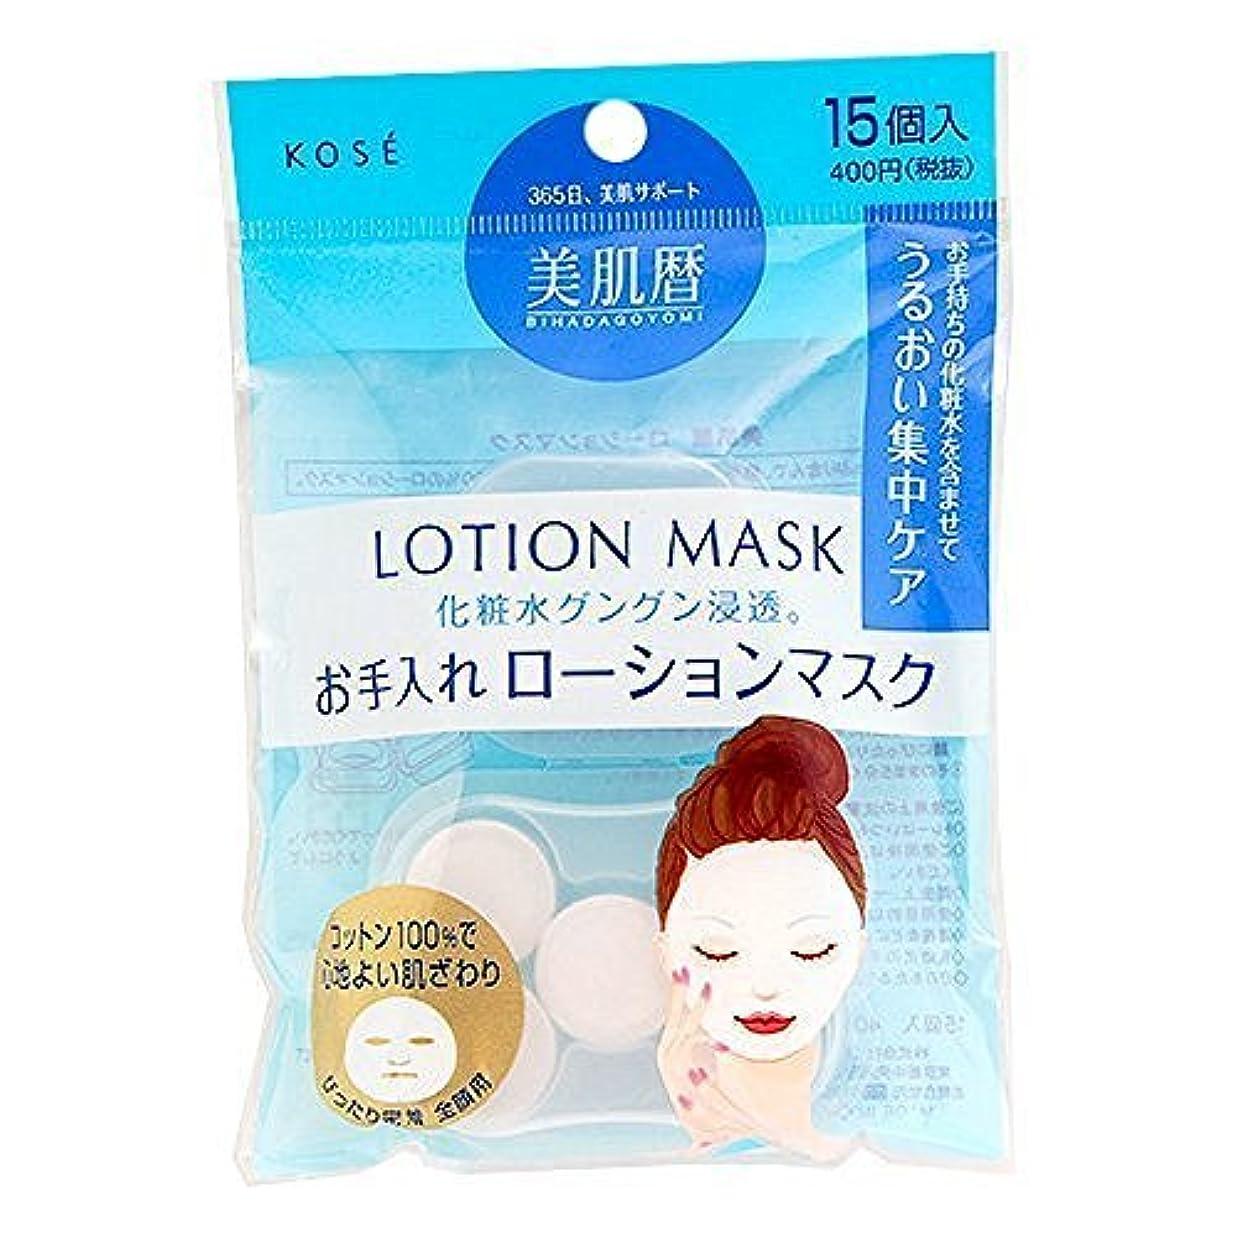 ボーカルウィスキーパンチコーセー 美肌暦 ローションマスク(15個入)